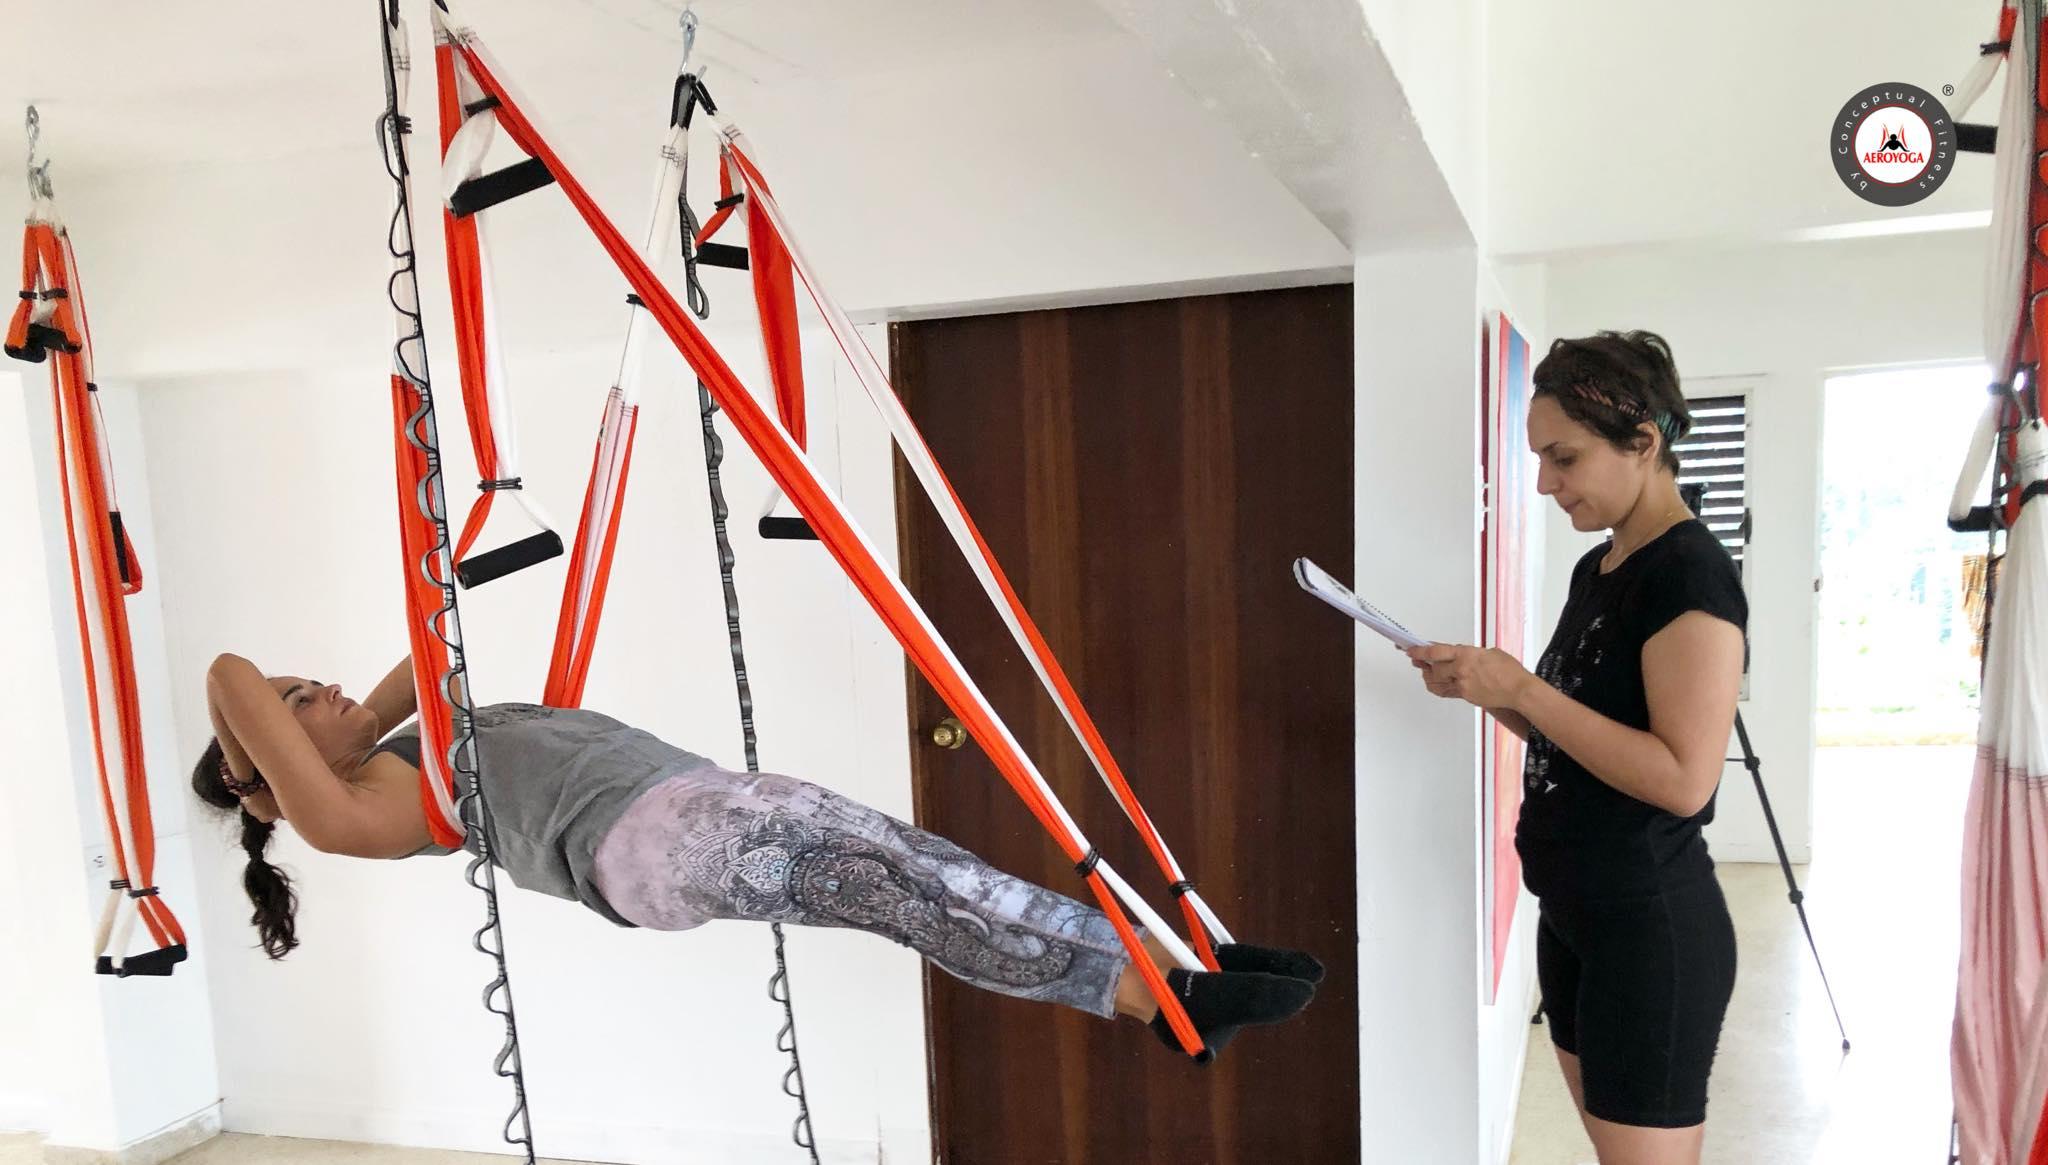 Formación Yoga Aéreo con AeroYoga® International , Pilates Aéreo y Fitness Aéreo